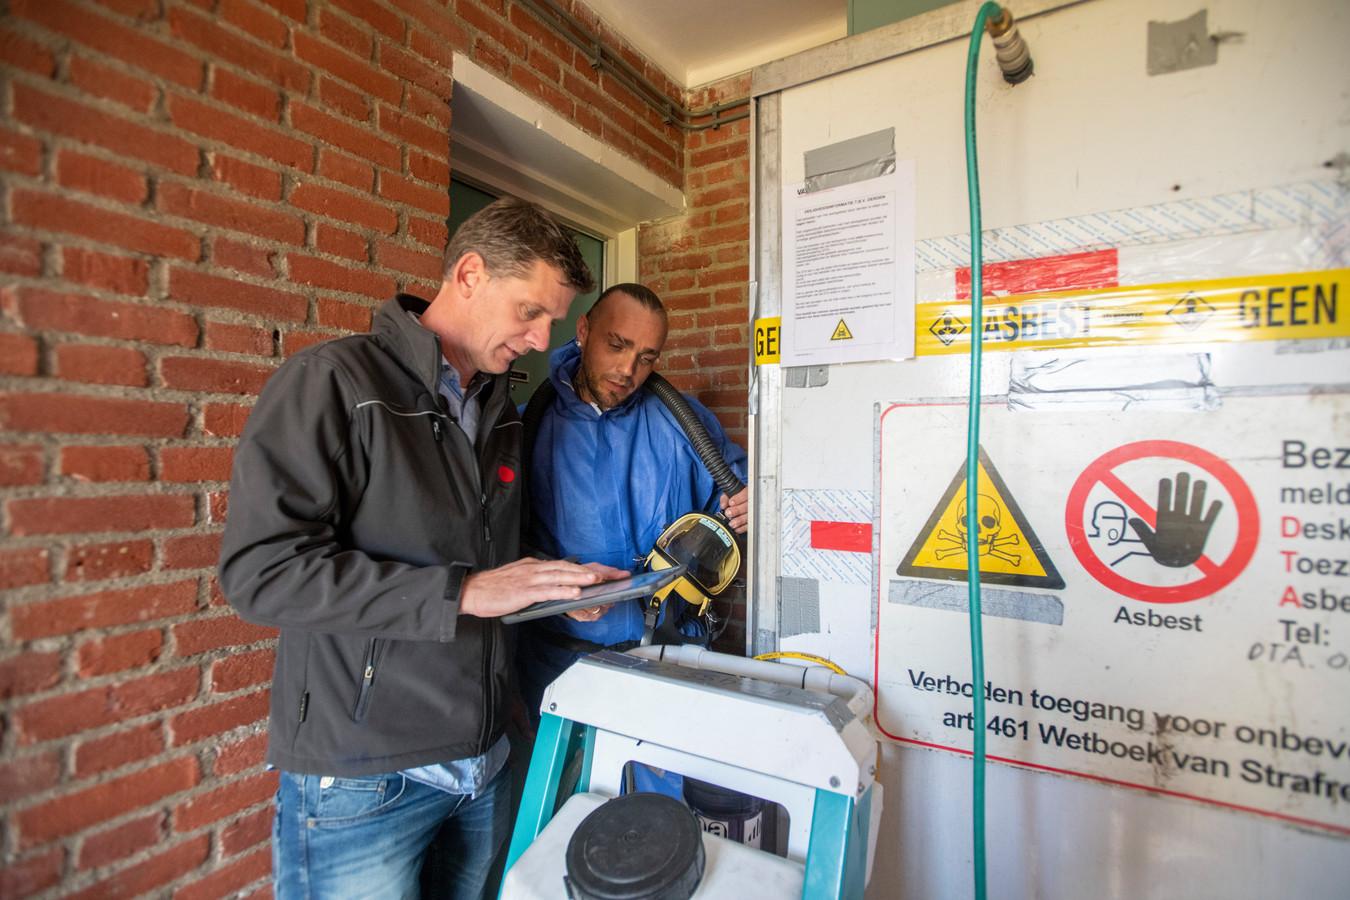 Toezichthouder Erik-Jan van Baal van de OMWB, hier bij een sanering die keurig volgens het boekje wordt uitgevoerd.